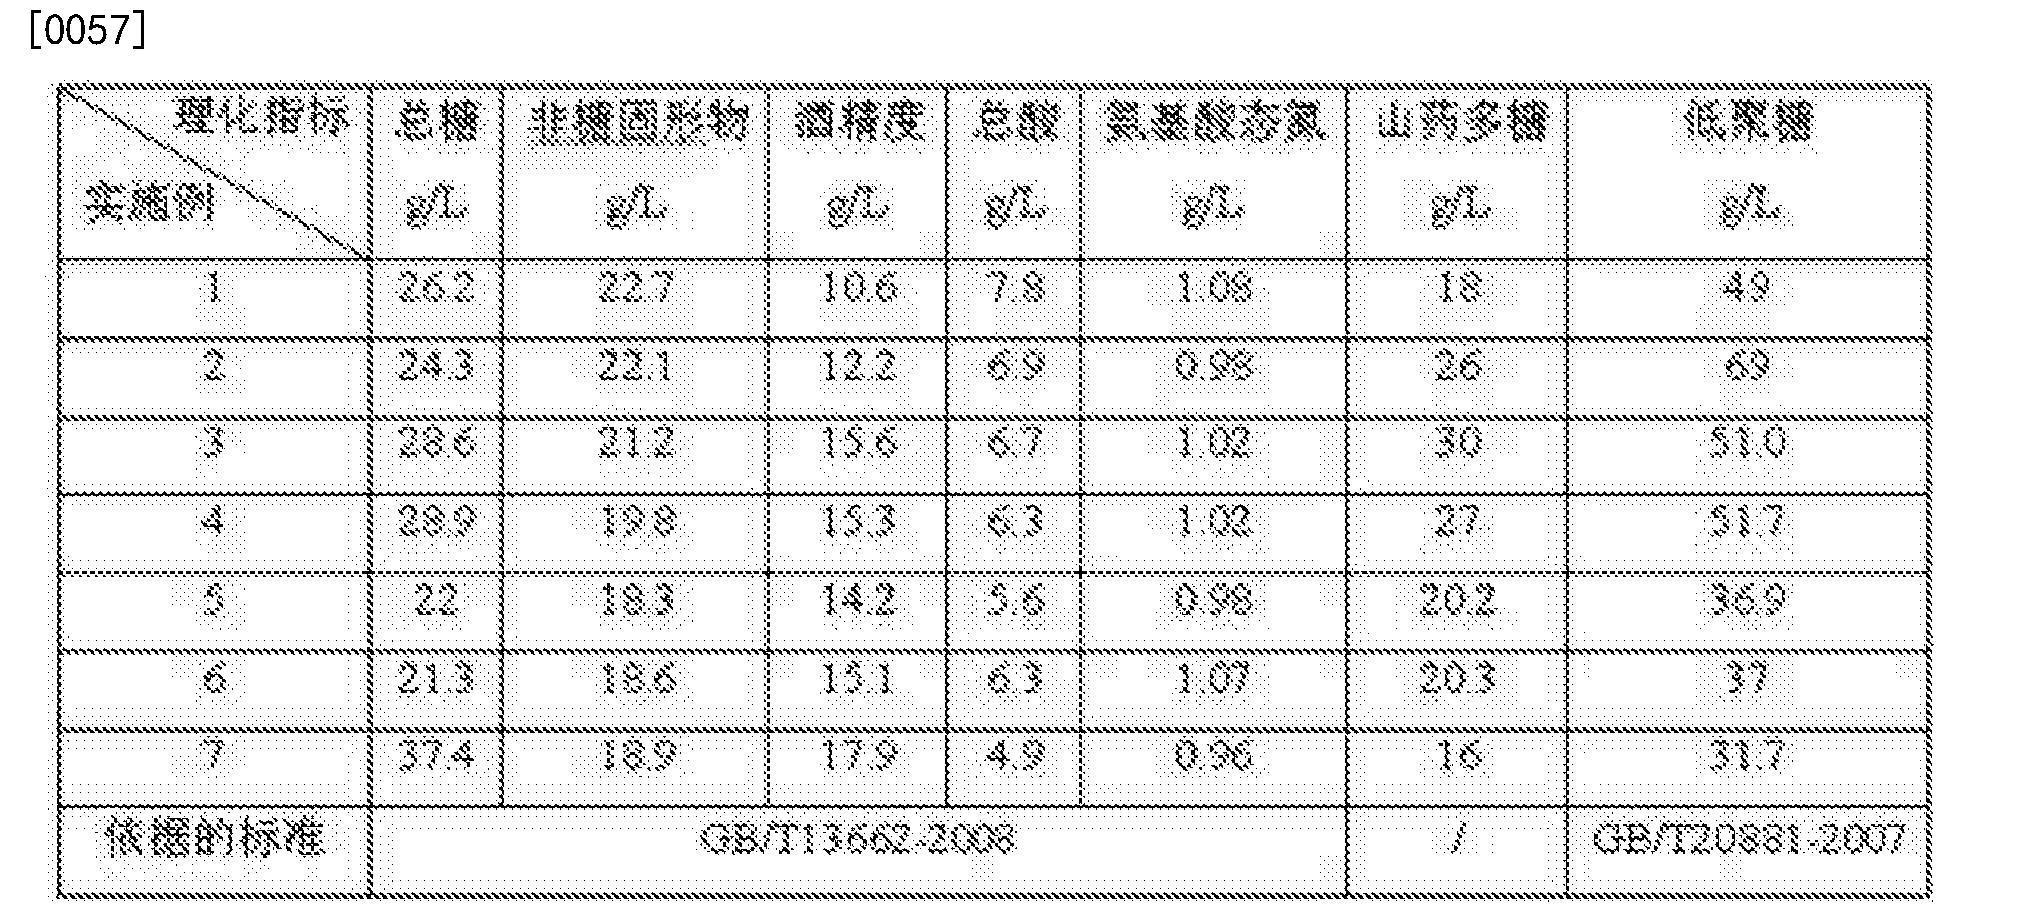 Figure CN104130902BD00061